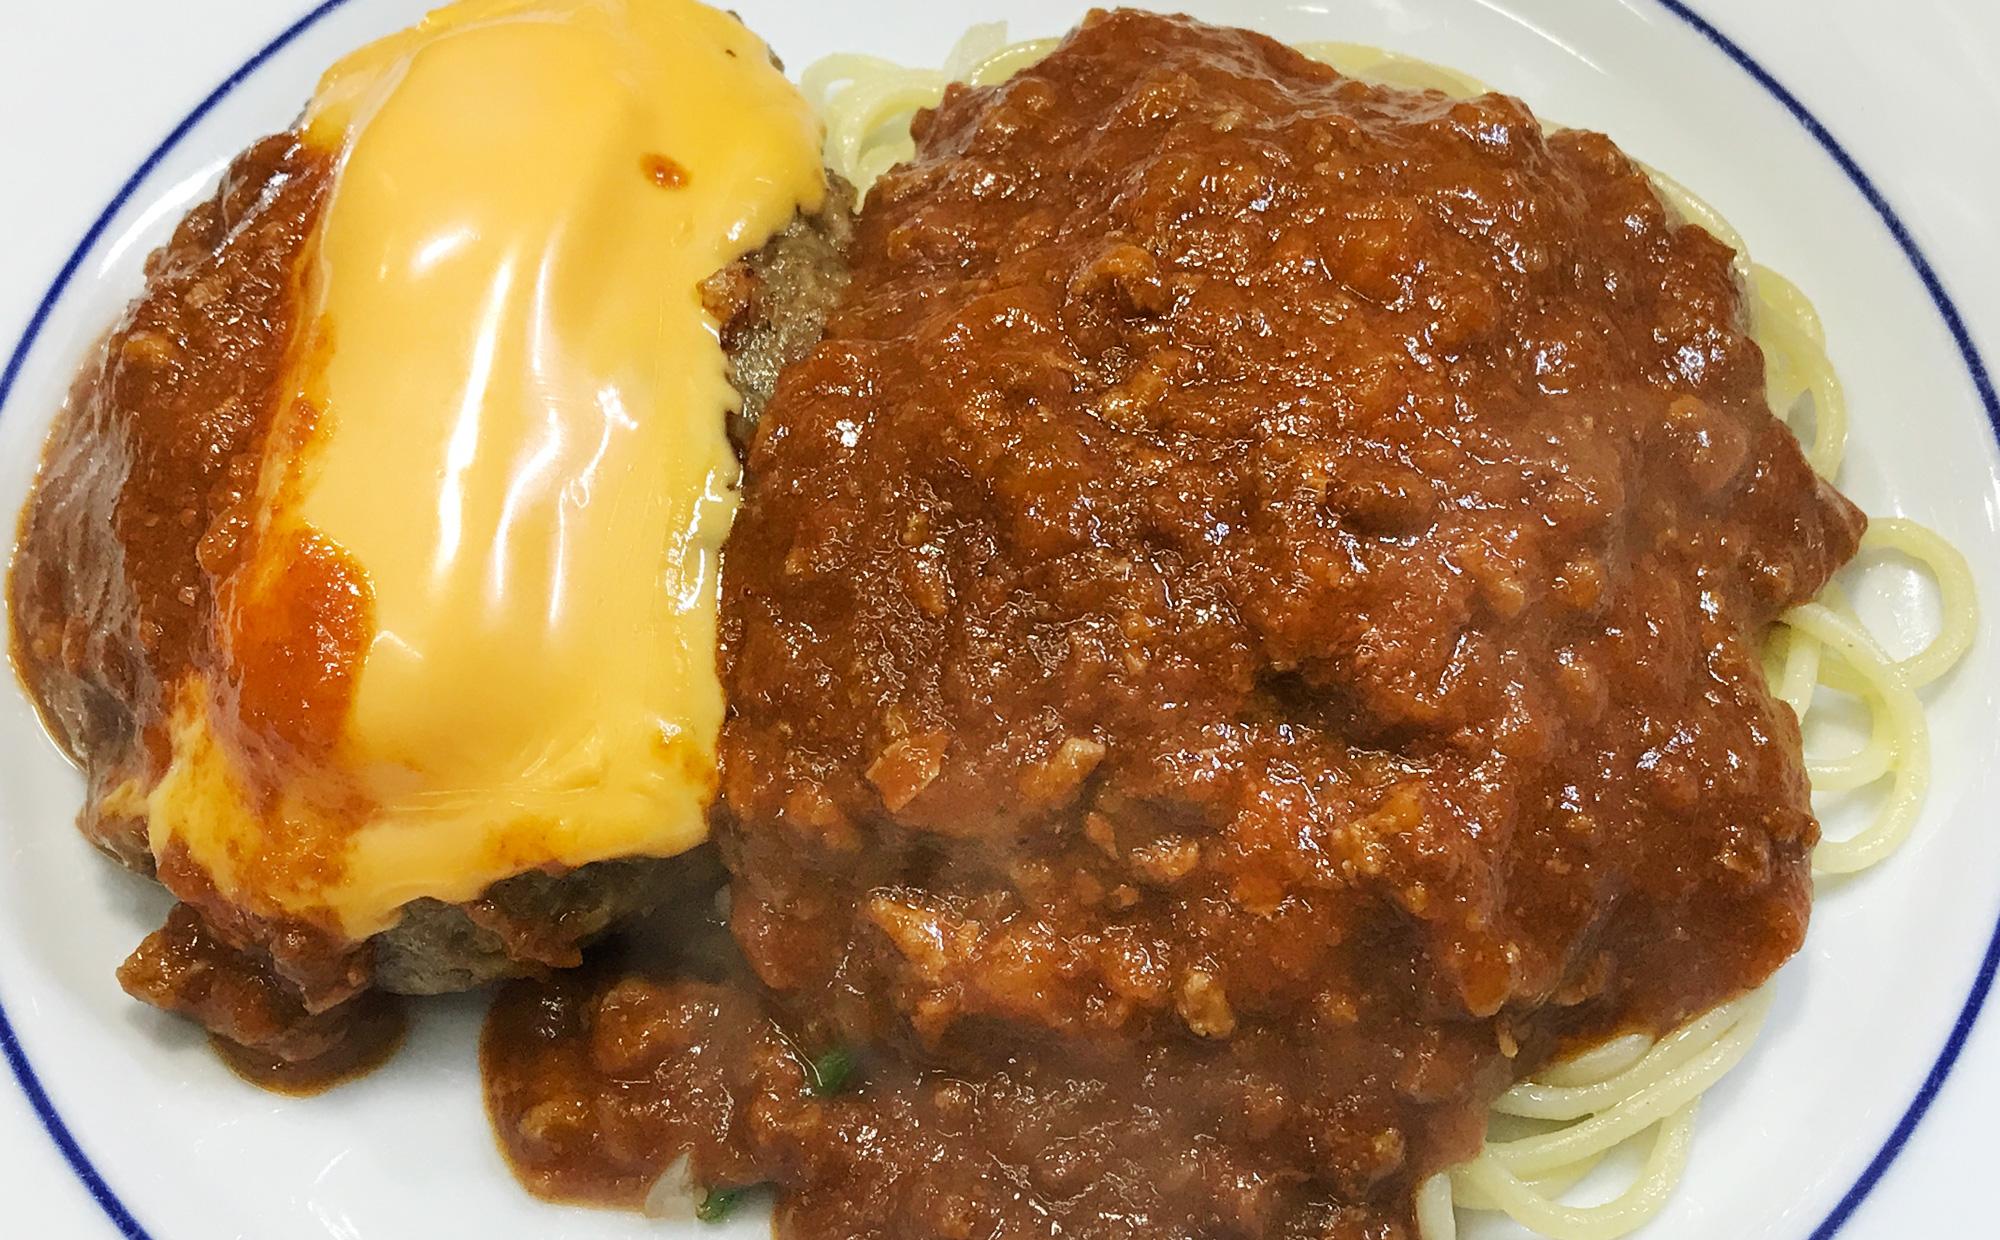 チーズハンバーグ+ミートソース 他2品